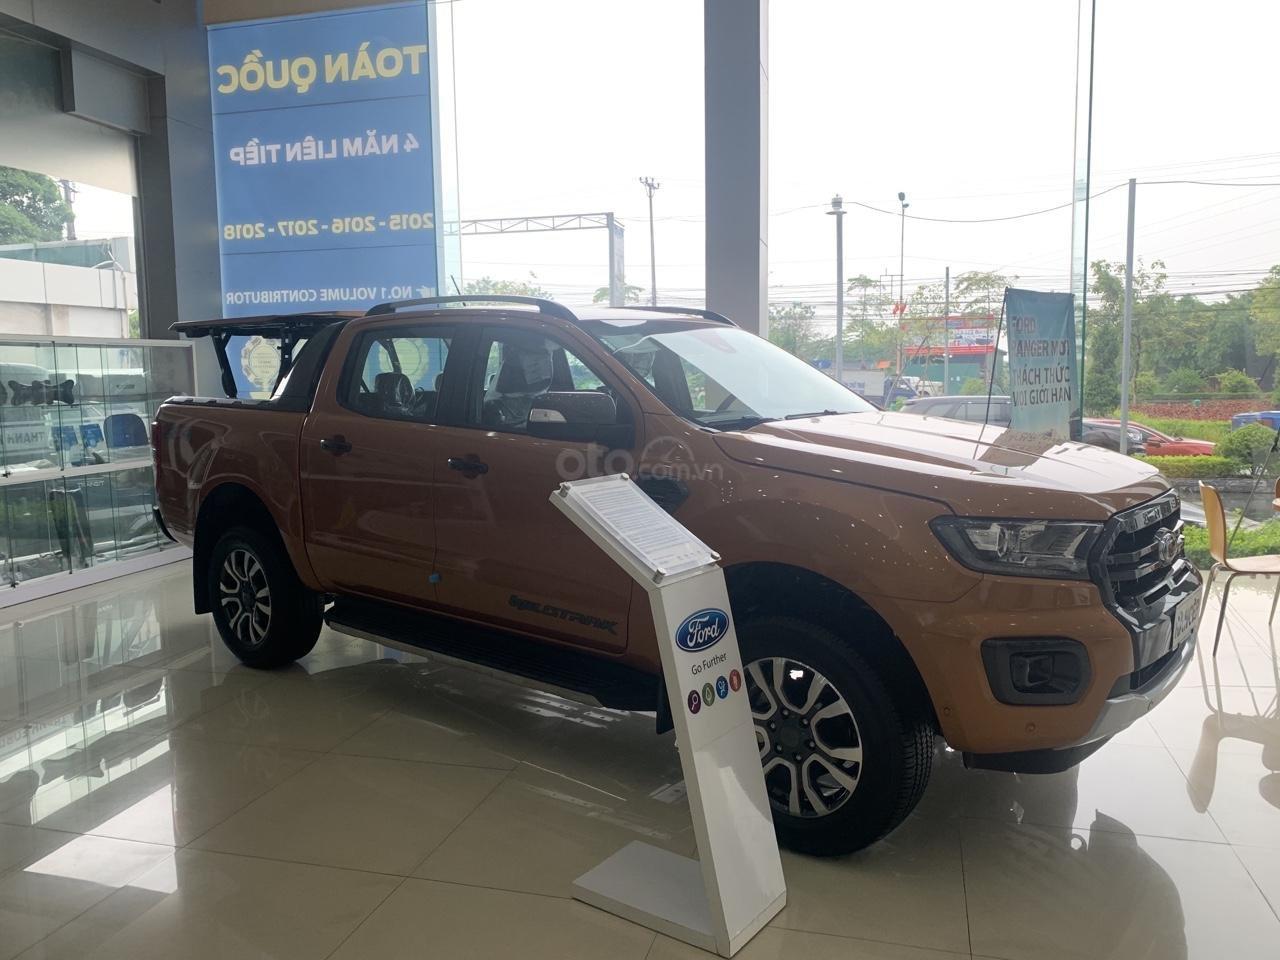 Giá xe Ford Ranger rẻ nhất miền Bắc, xe nhập Thái Lan đầy đủ màu sắc, lấy xe chỉ với 150tr, liên hệ ngay 0938568583 (2)